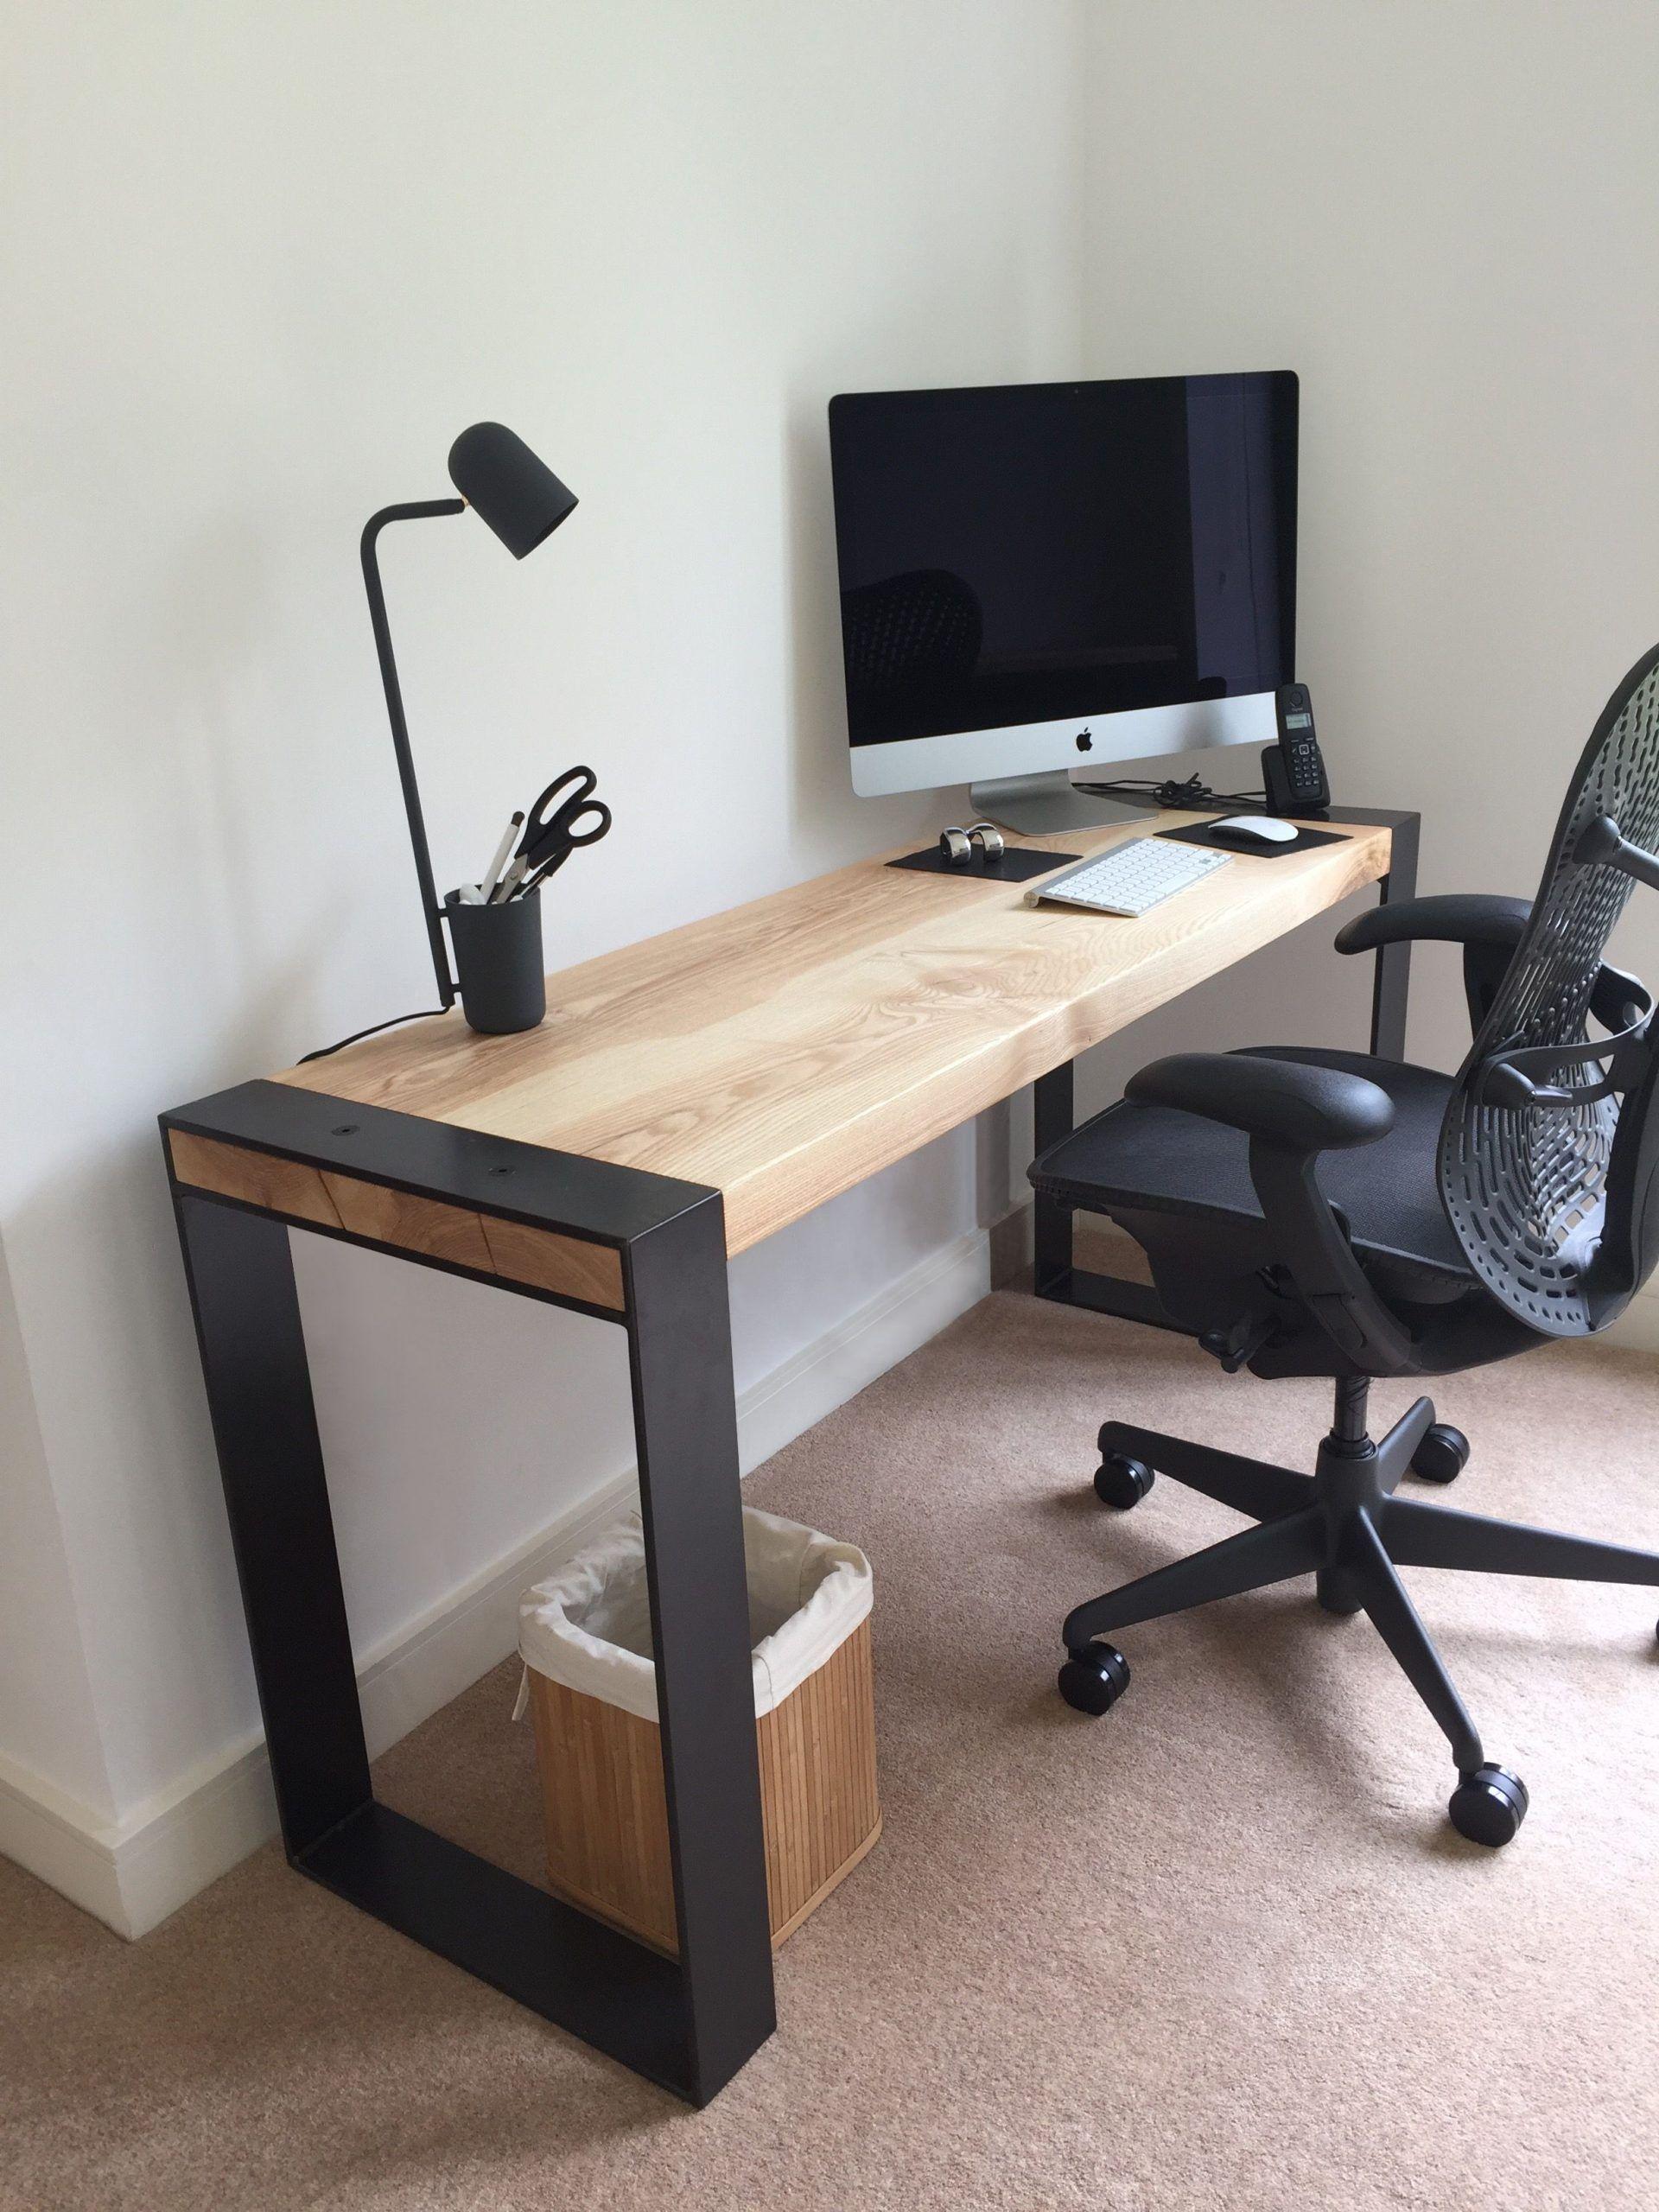 Maßgeschneiderte Asche Schreibtisch in Handarbeit in Sheffield, UK. Kommission Projekt gemacht mit Holz - / Stahl-Gerahmte Beine / Moderne Desig... #vintageindustrialfurniture - Markos Charlize